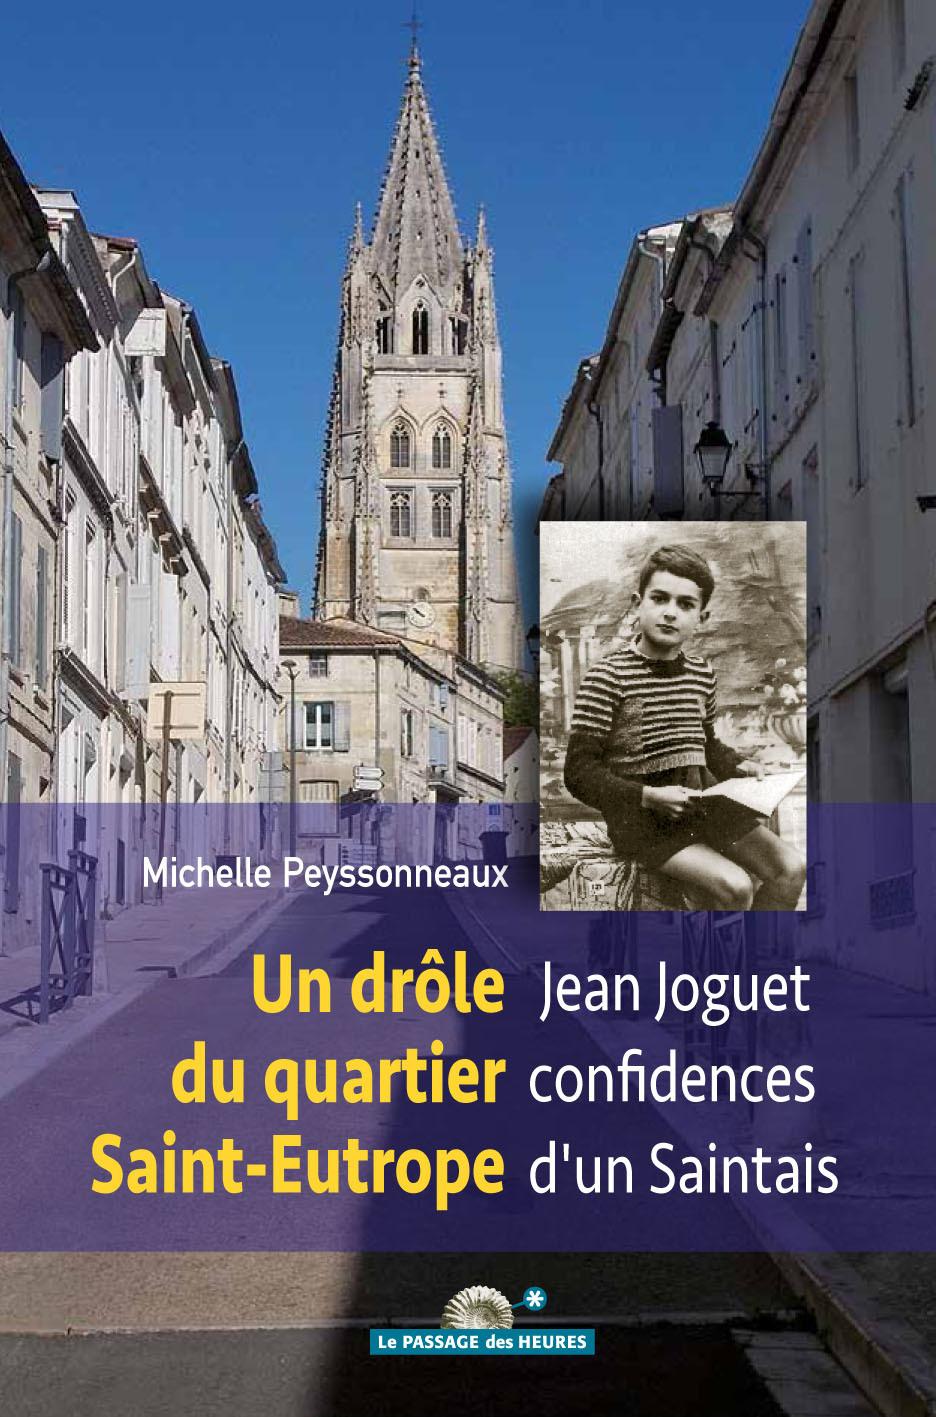 Un drôle du quartier Saint-Eutrope, Jean Joguet confidences d'un Saintais 0104